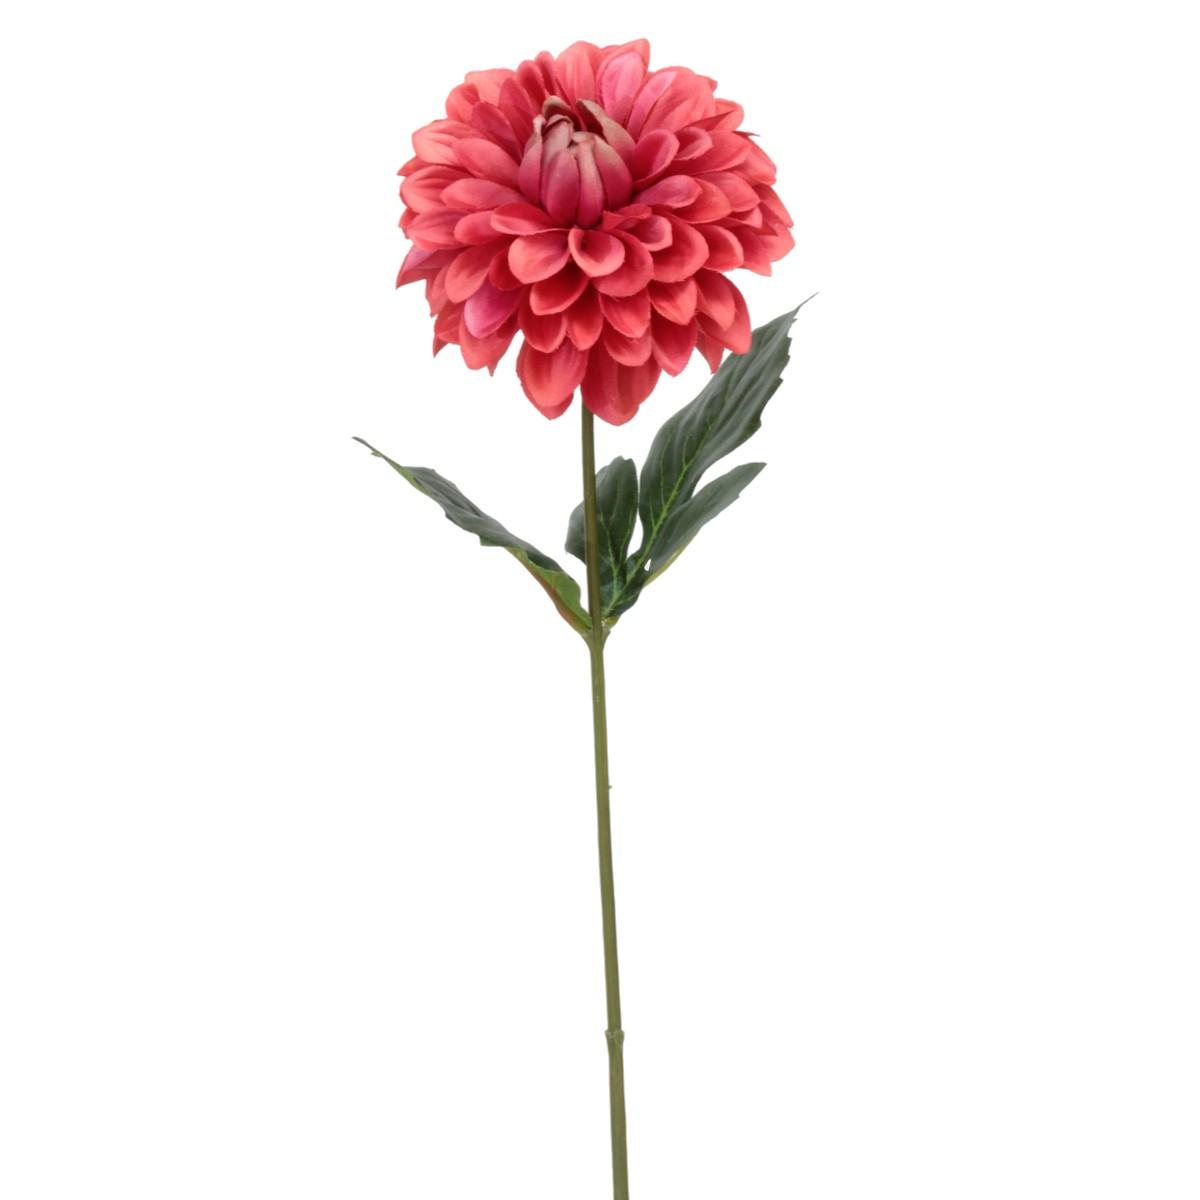 【造花】パレ/シングルダリアスプレー レッド/P-8293-50【01】【取寄】[24本]